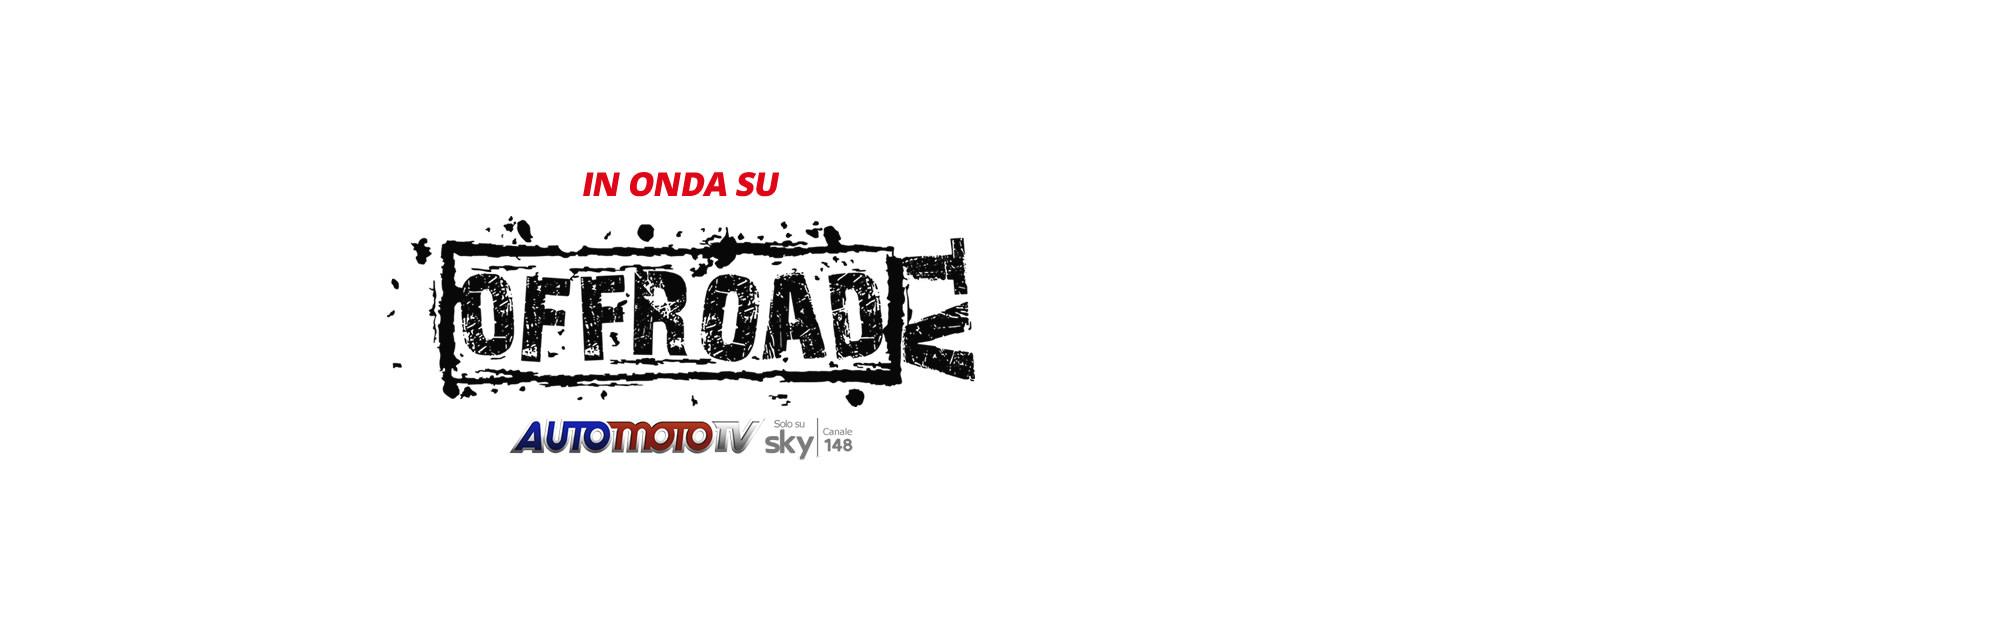 In onda su offroadtv automototv sky canale 148 | SAITO